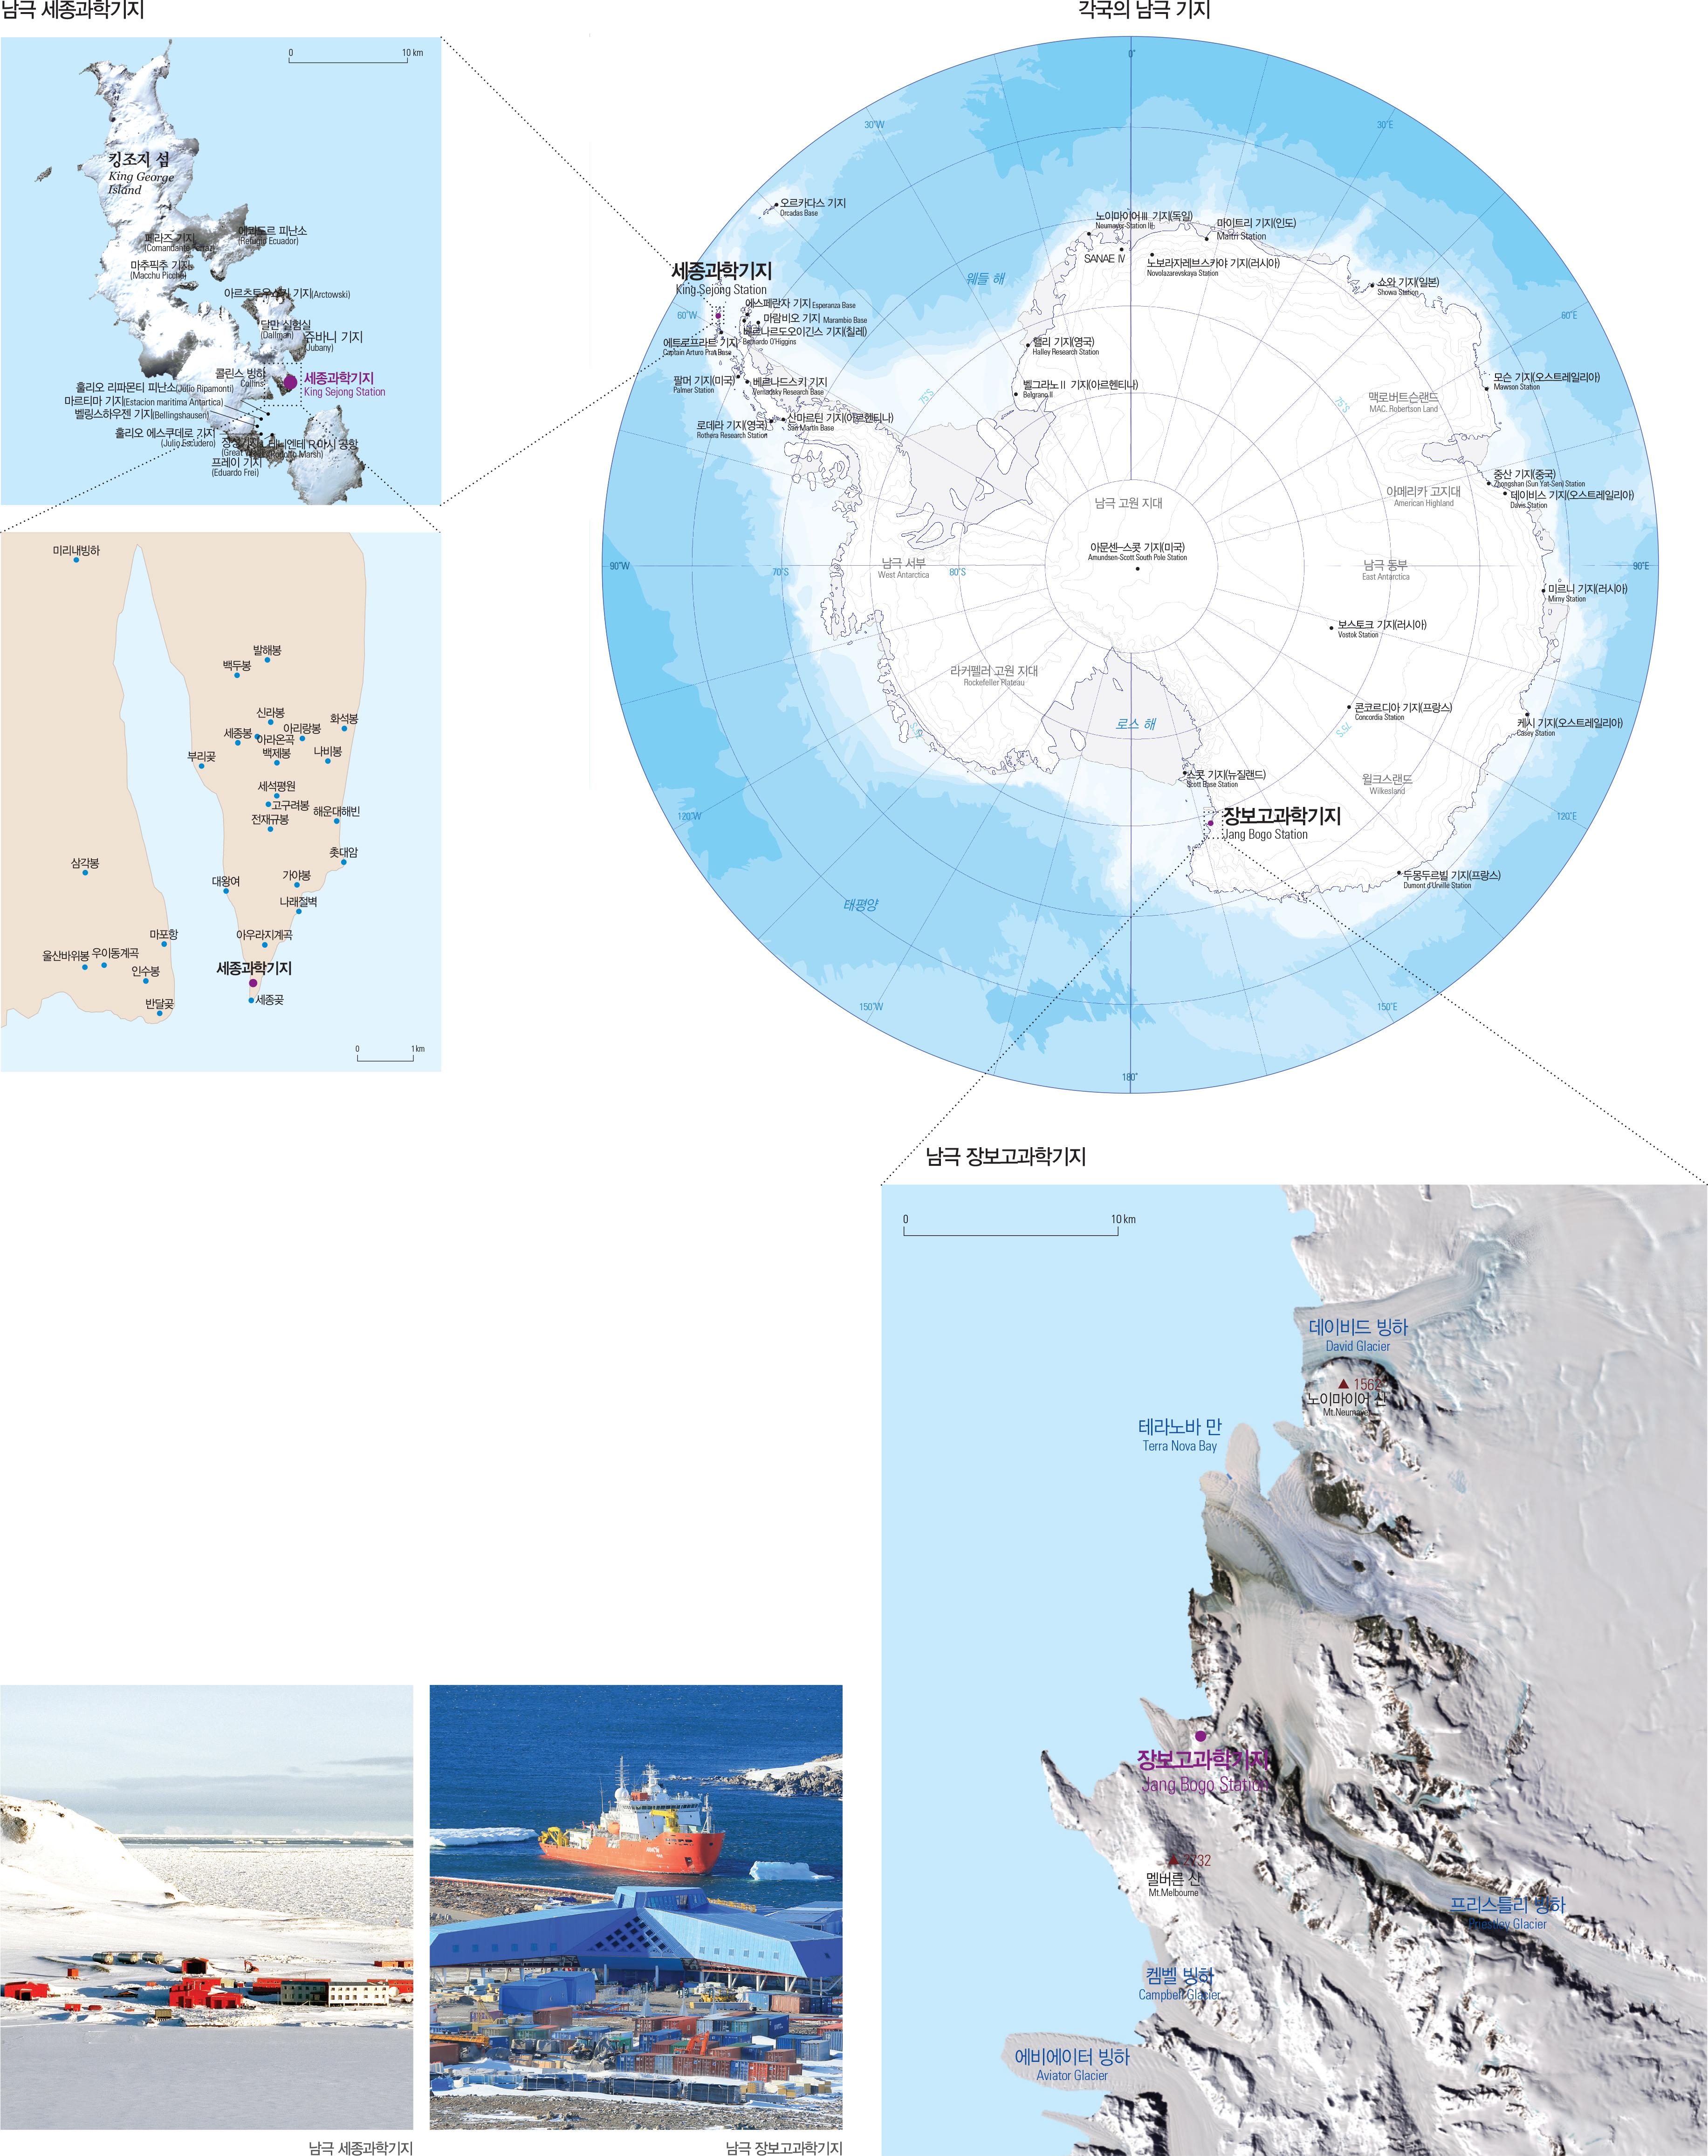 각국의 남극 기지